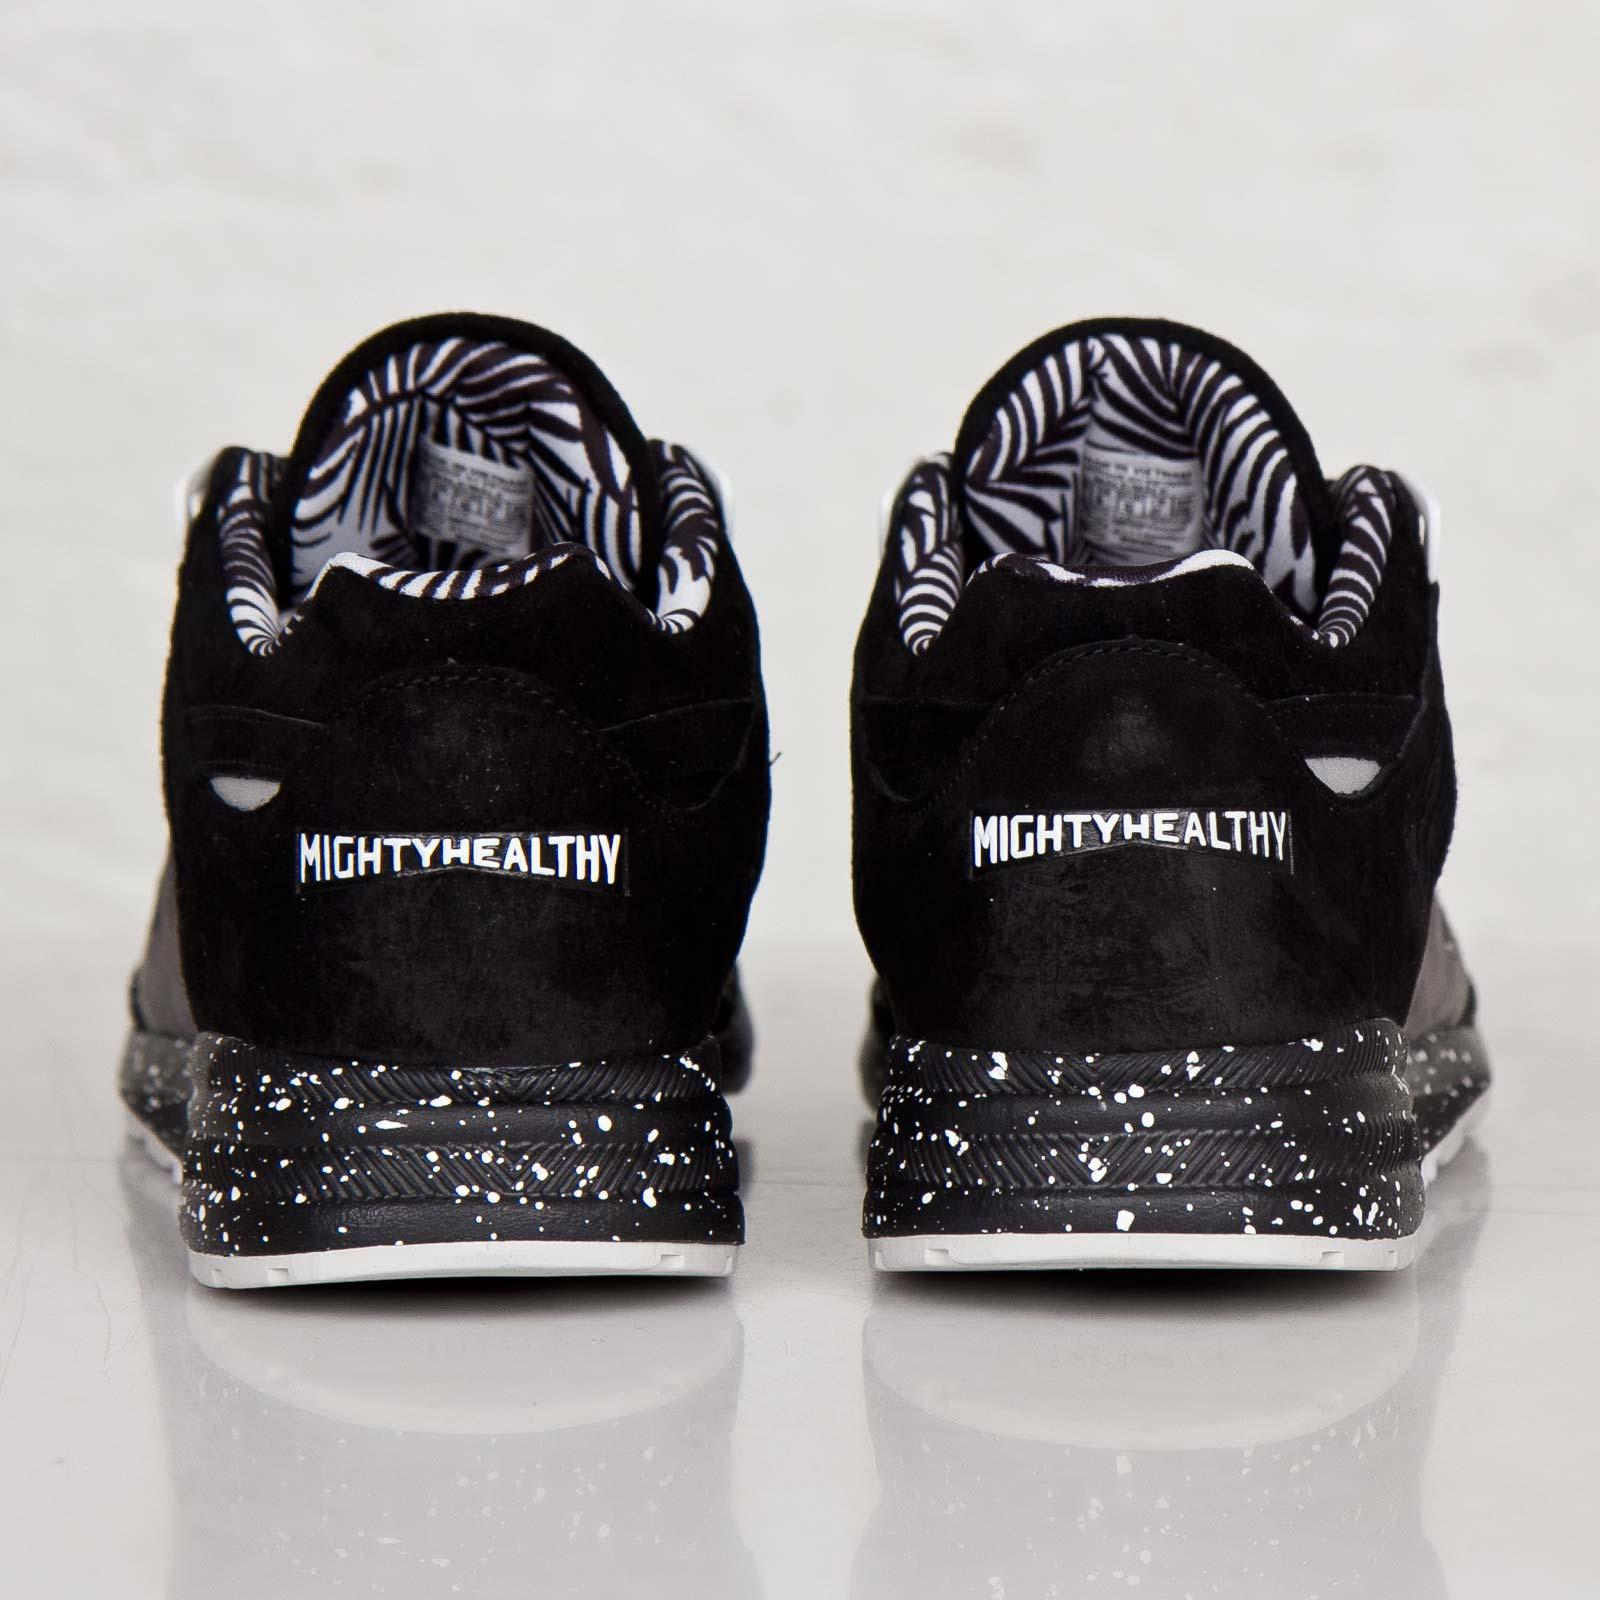 sale retailer 08d4c f6a31 Reebok Ventilator Affiliates - V63540 - Sneakersnstuff   sneakers    streetwear online since 1999